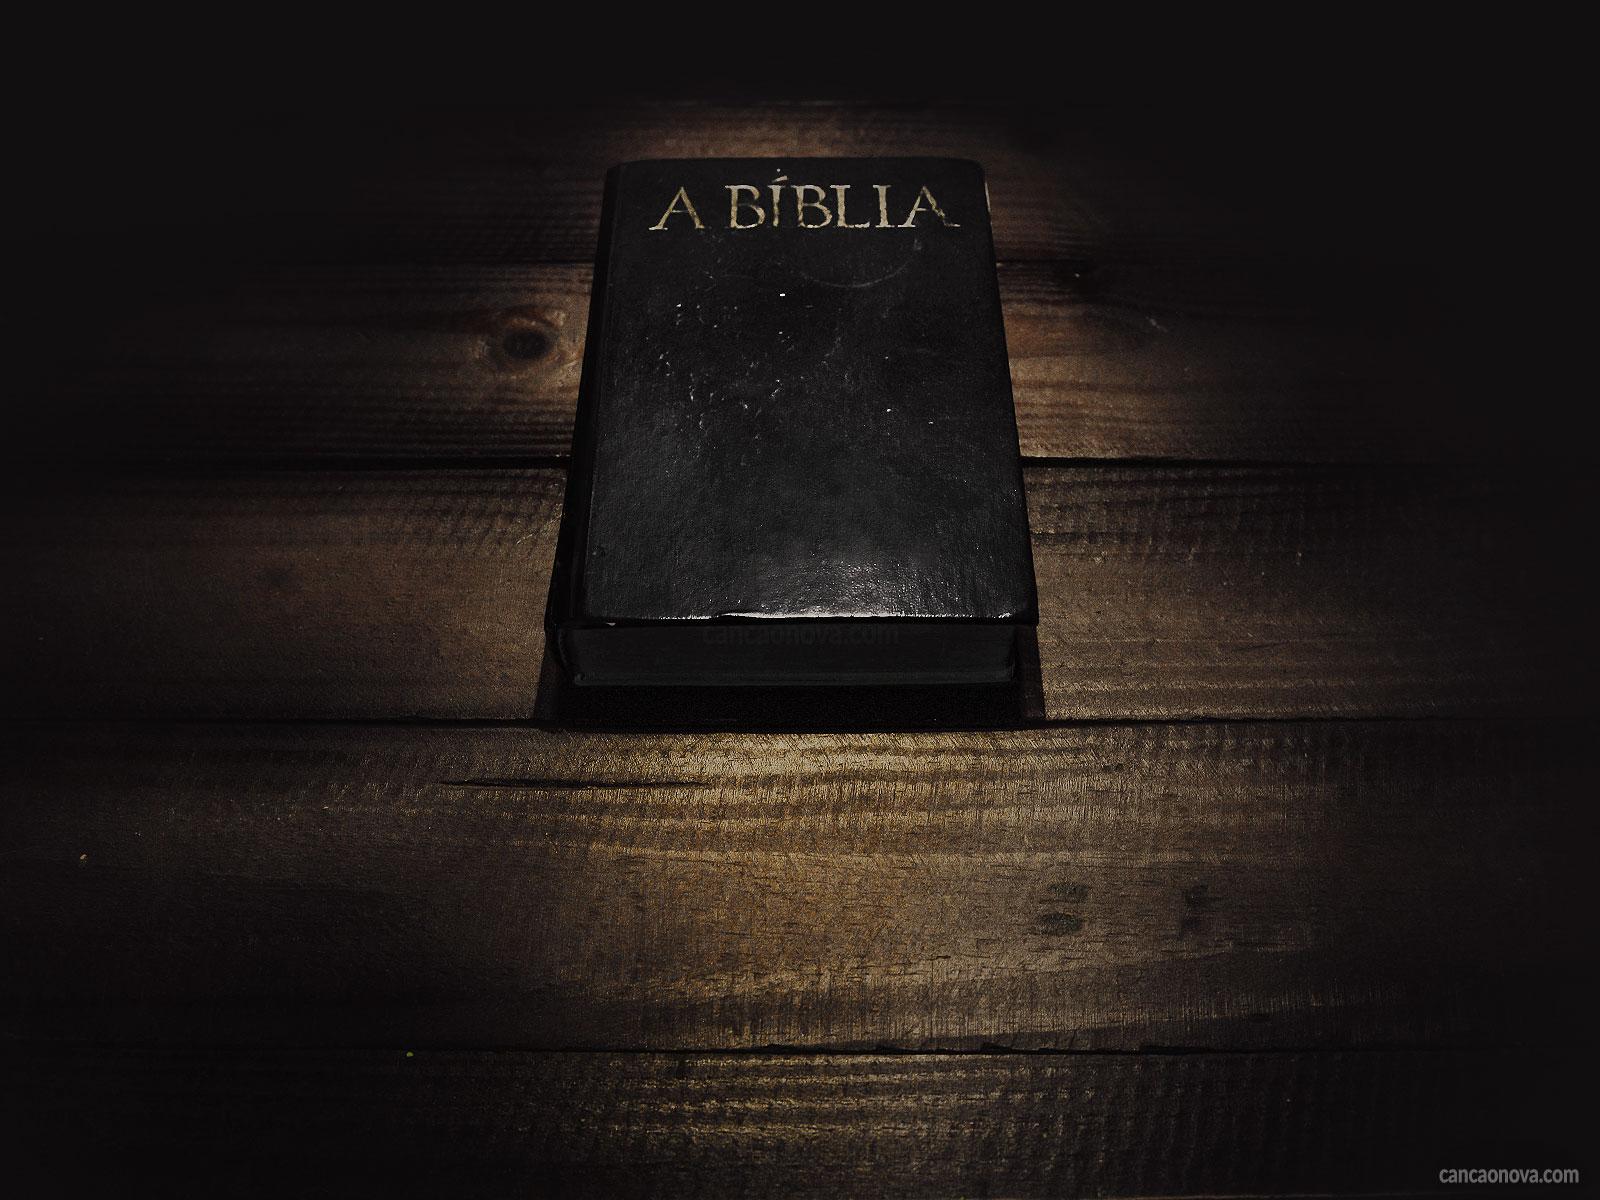 Formação-teológica-você-qual-é-a-origem-da-Bíblia